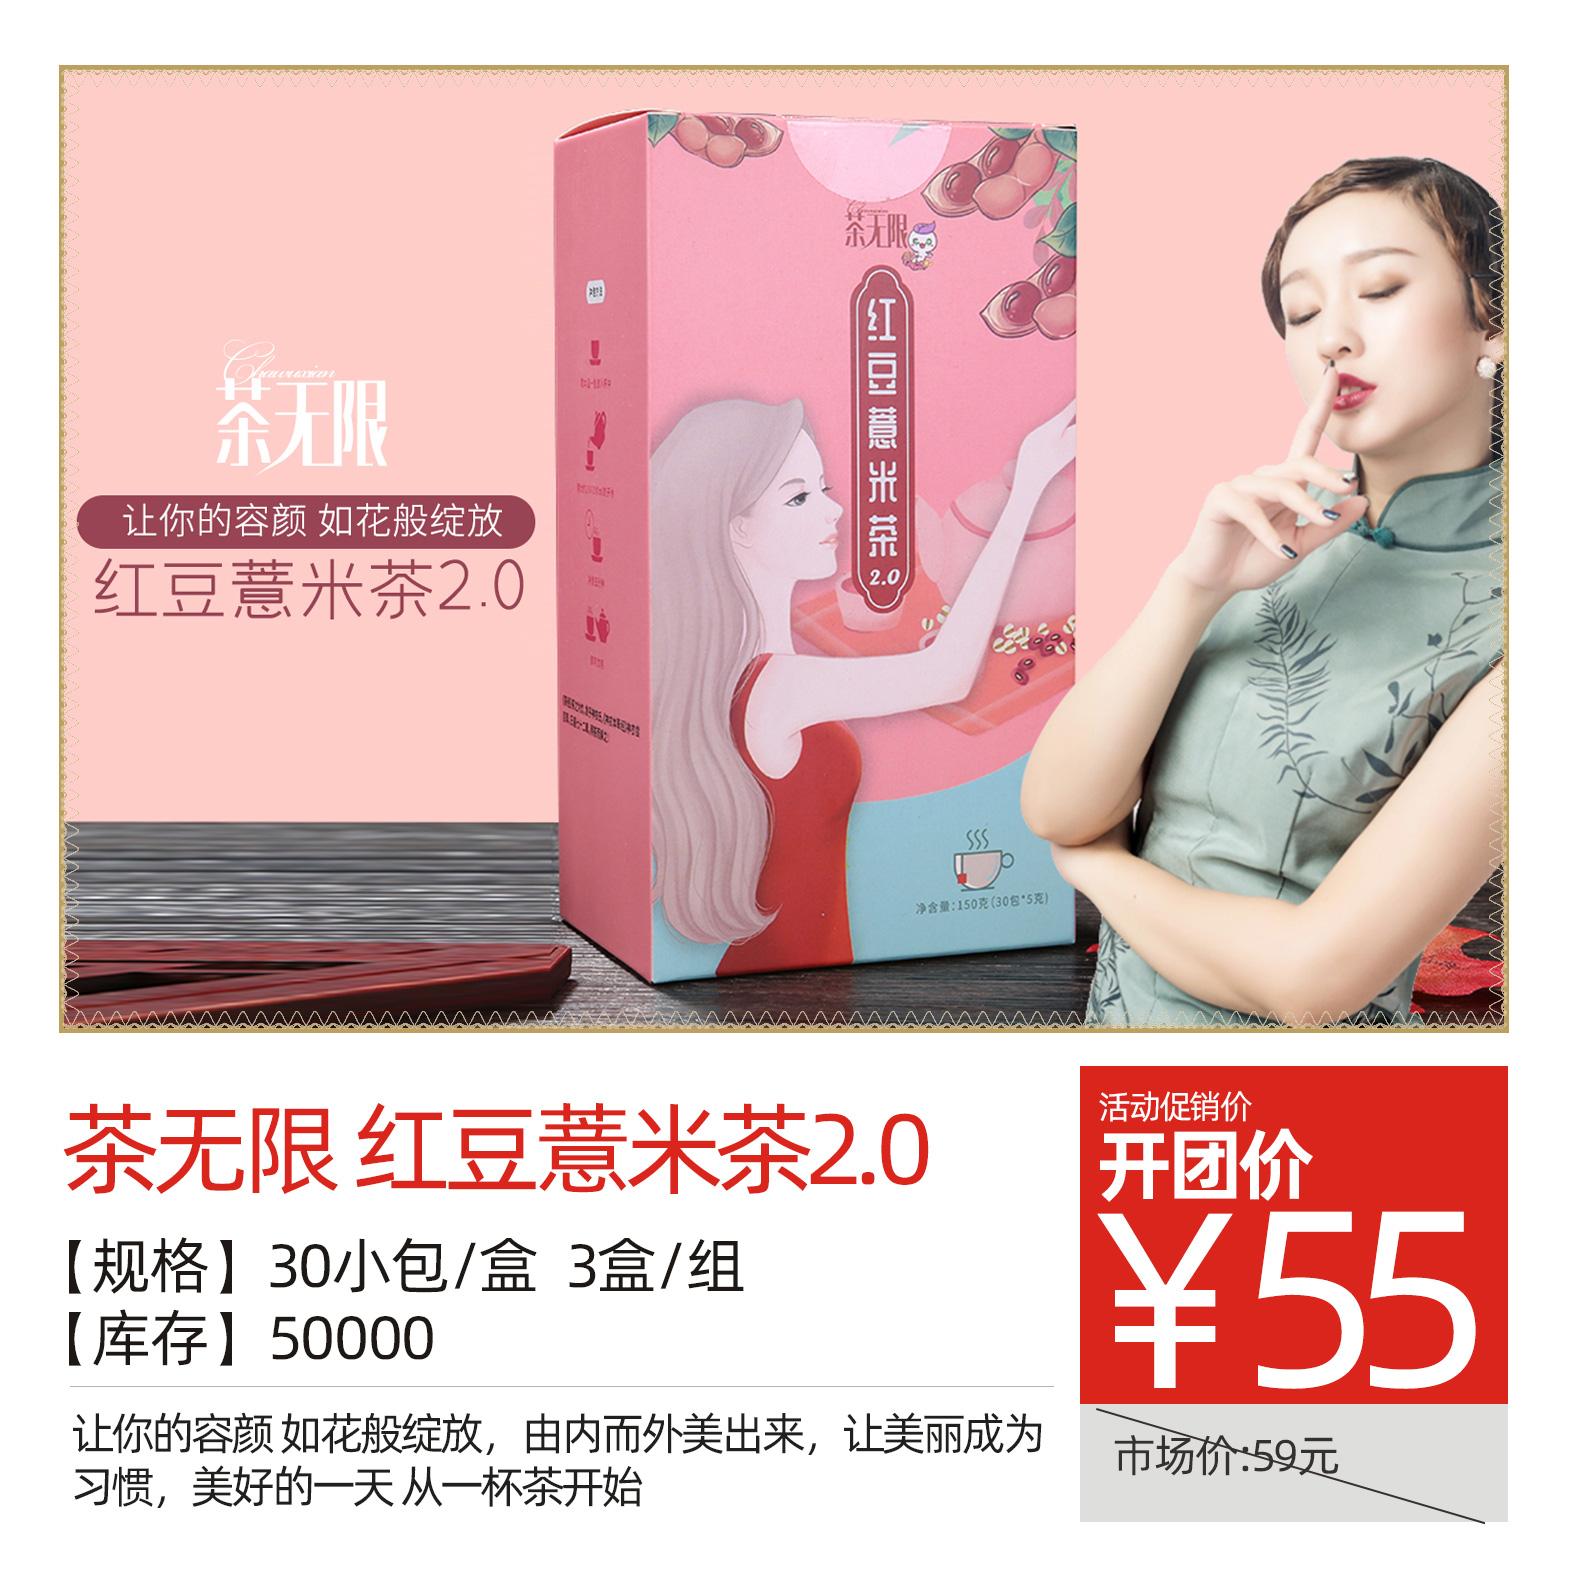 茶无限 - 红豆薏米茶2.0